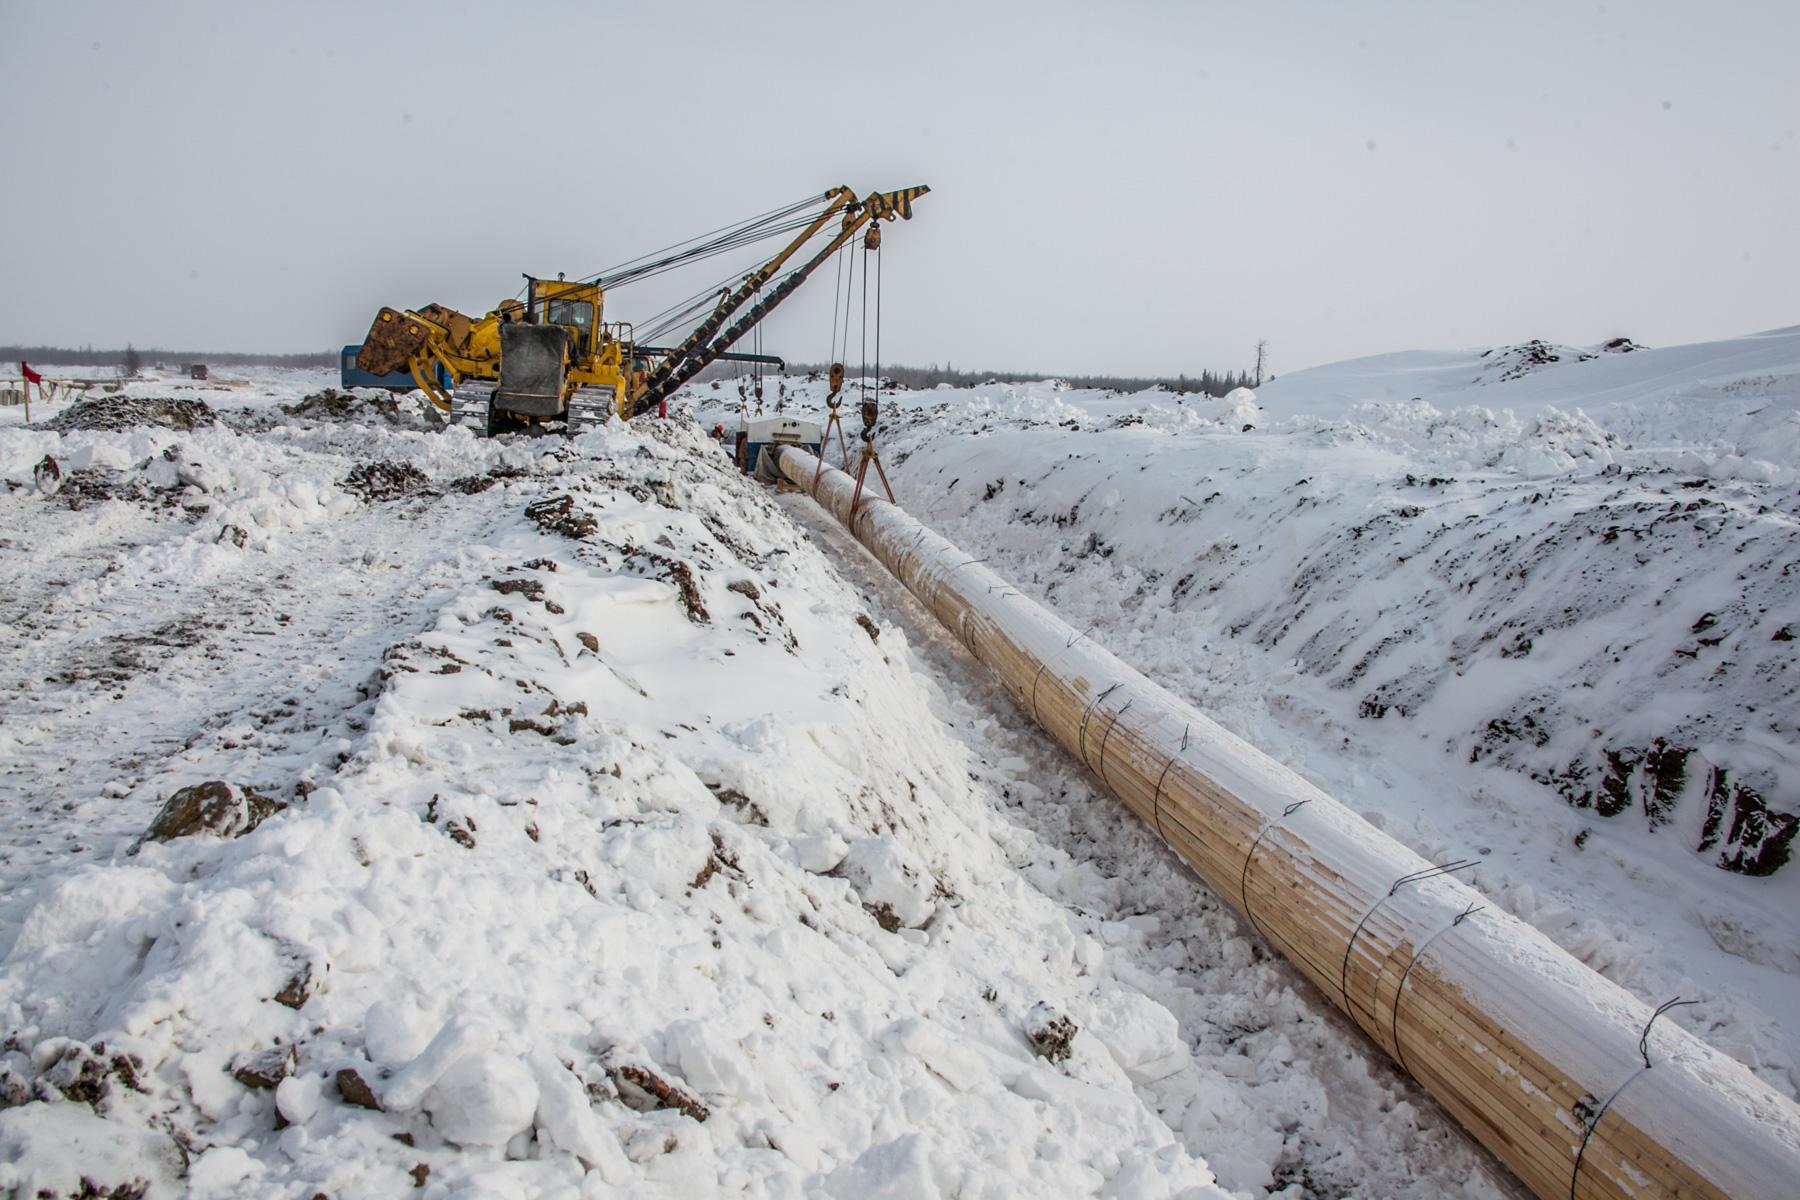 """Společnost JSC """"Transneft - Siberia"""" dokončila pokládku podmořského přechodu ropovodu v Chanty-Mansijském autonomním okruhu Okrug-Jugra"""